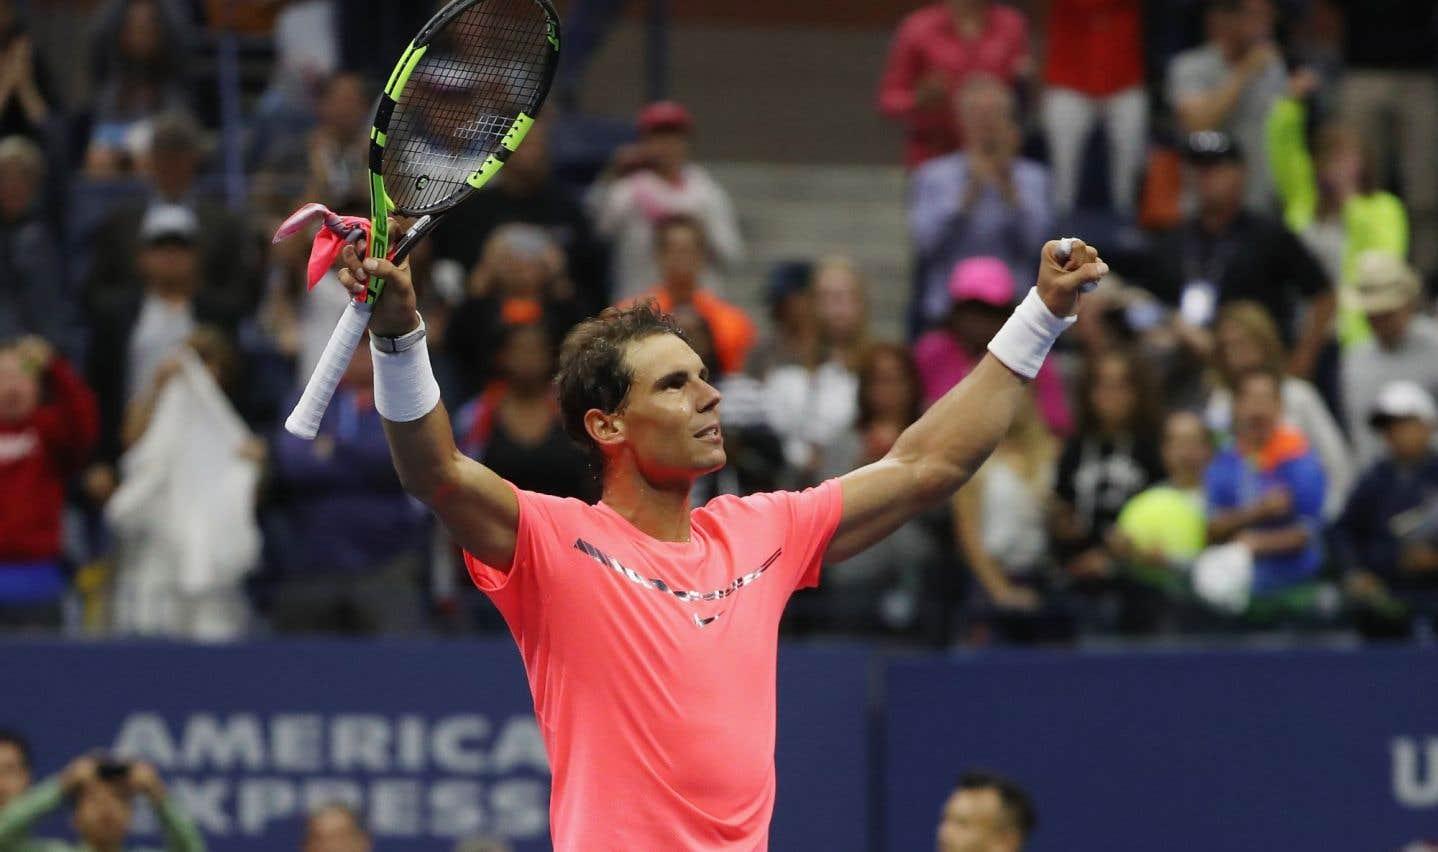 «C'était trop bruyant», dit Nadal